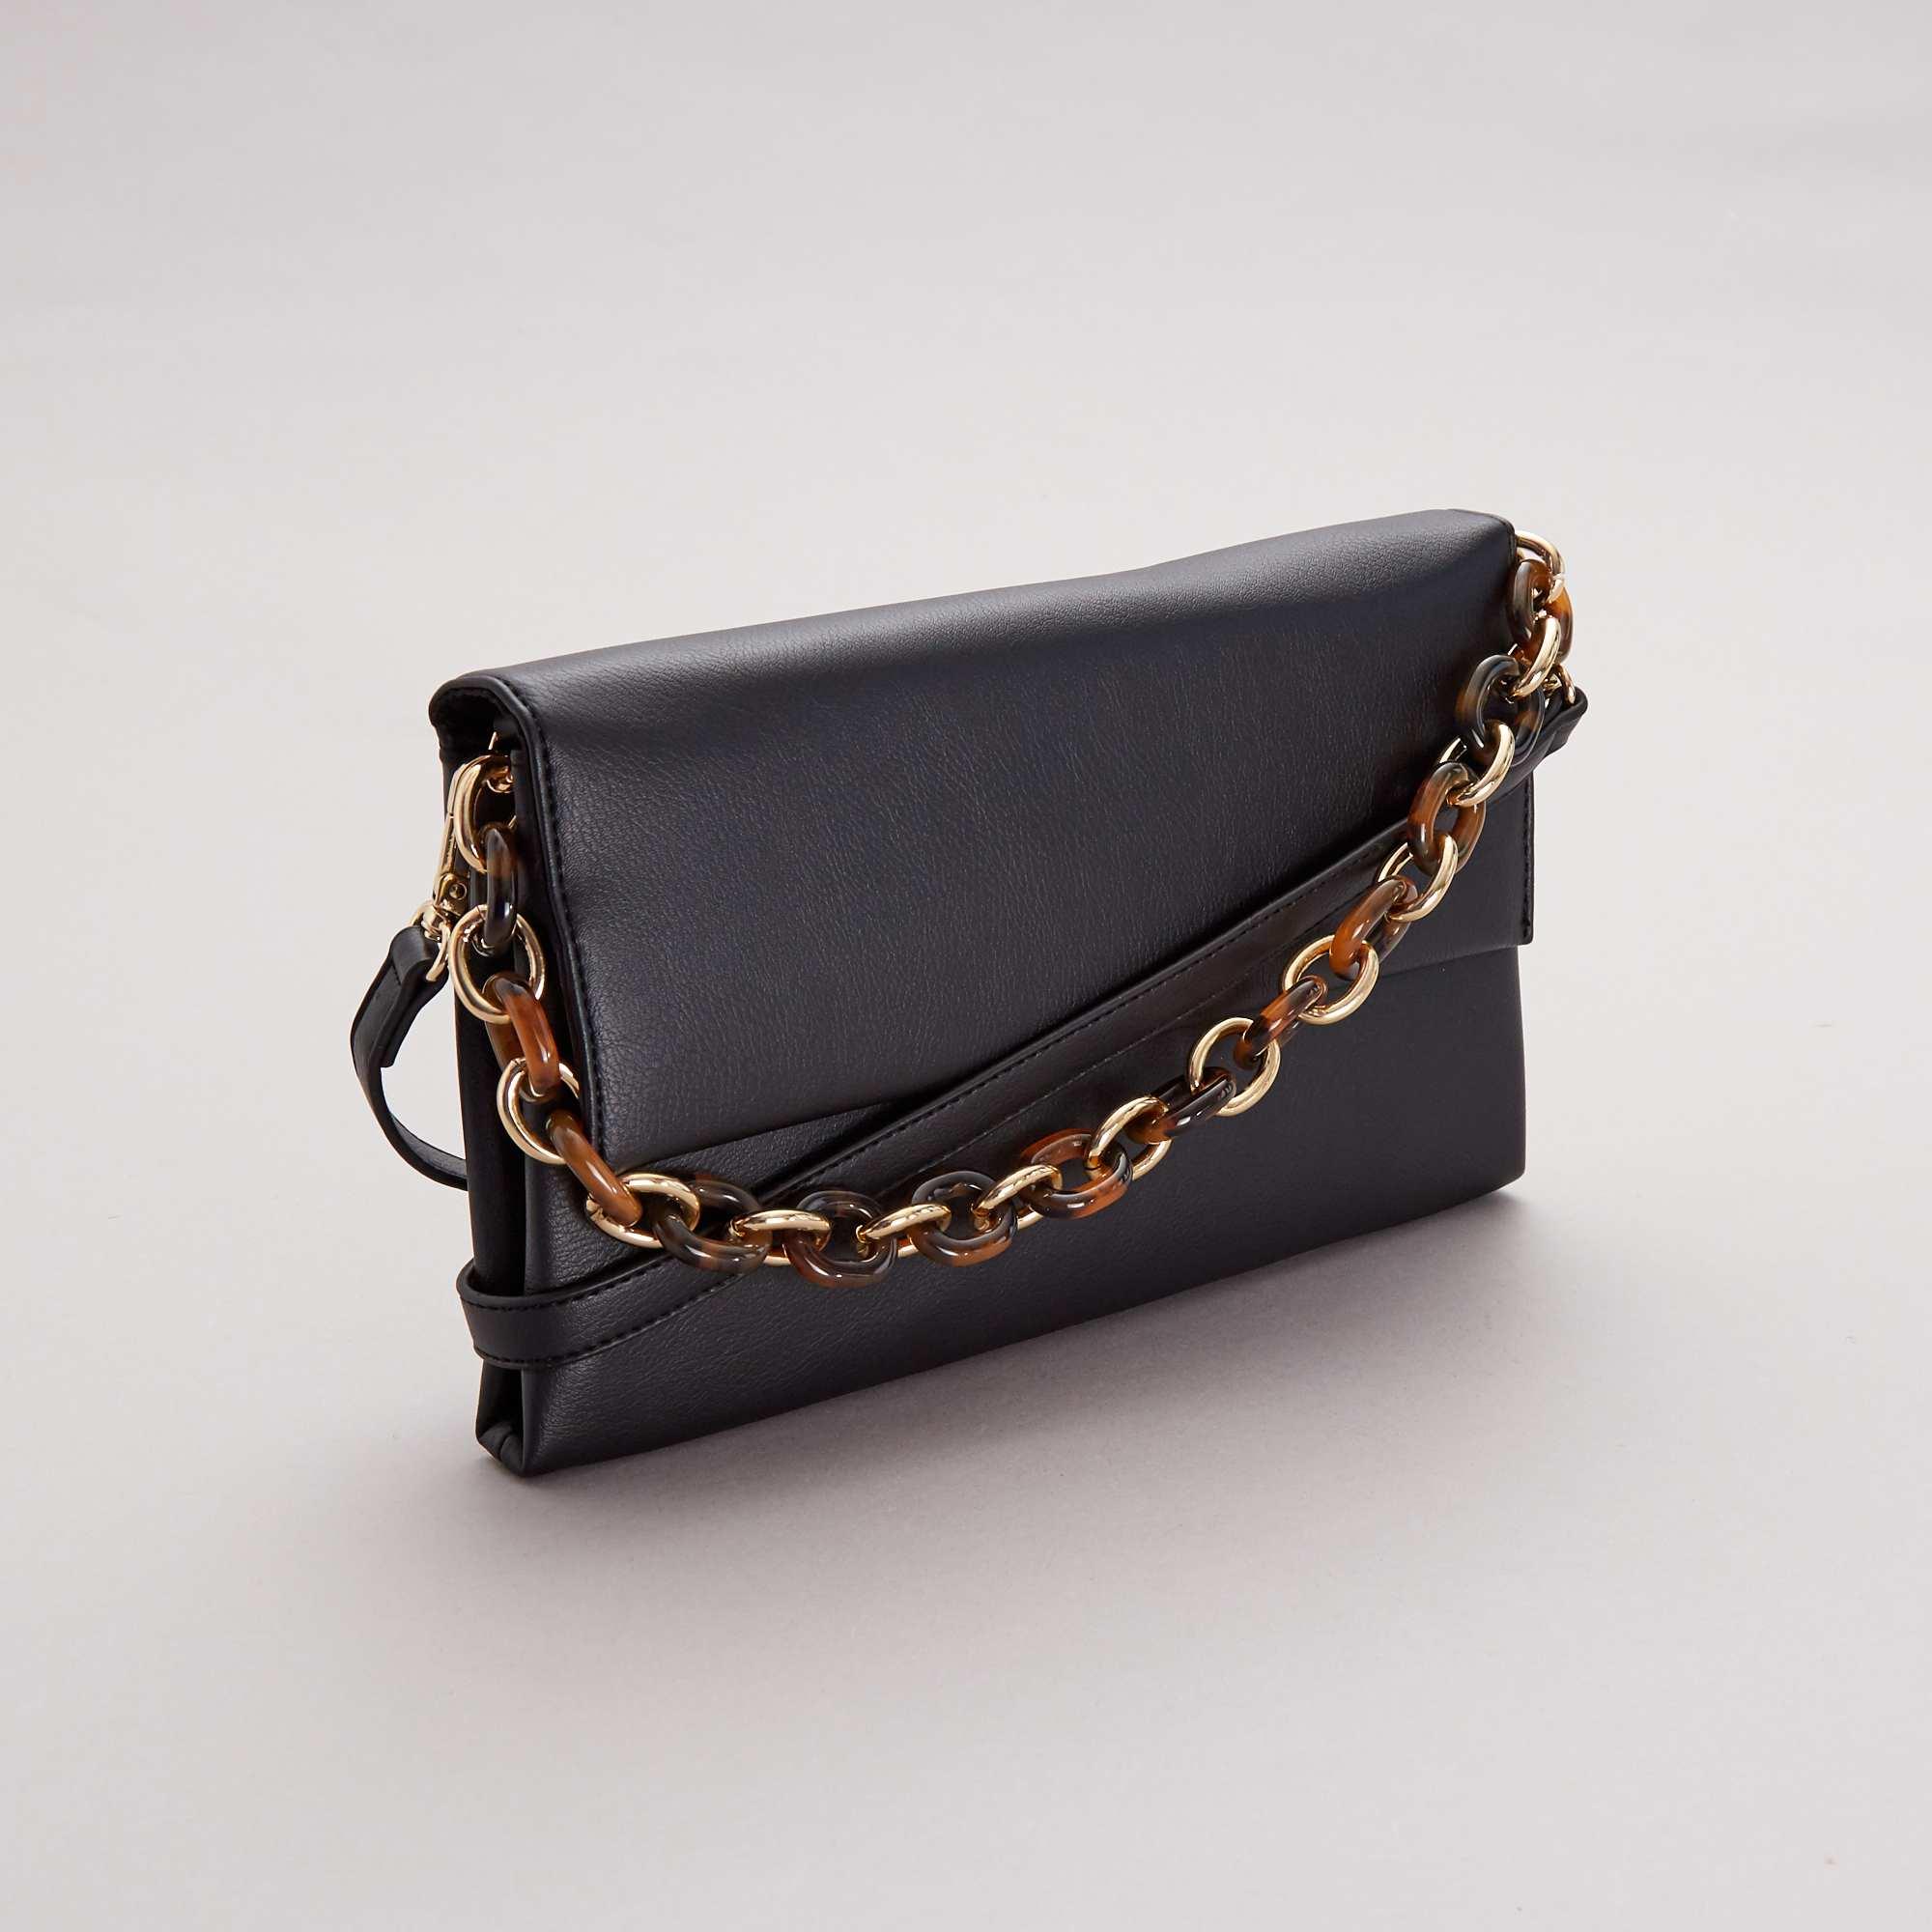 f7558757ce3 Bolso pequeño con cadena y bandolera Mujer talla 34 a 48 - negro ...